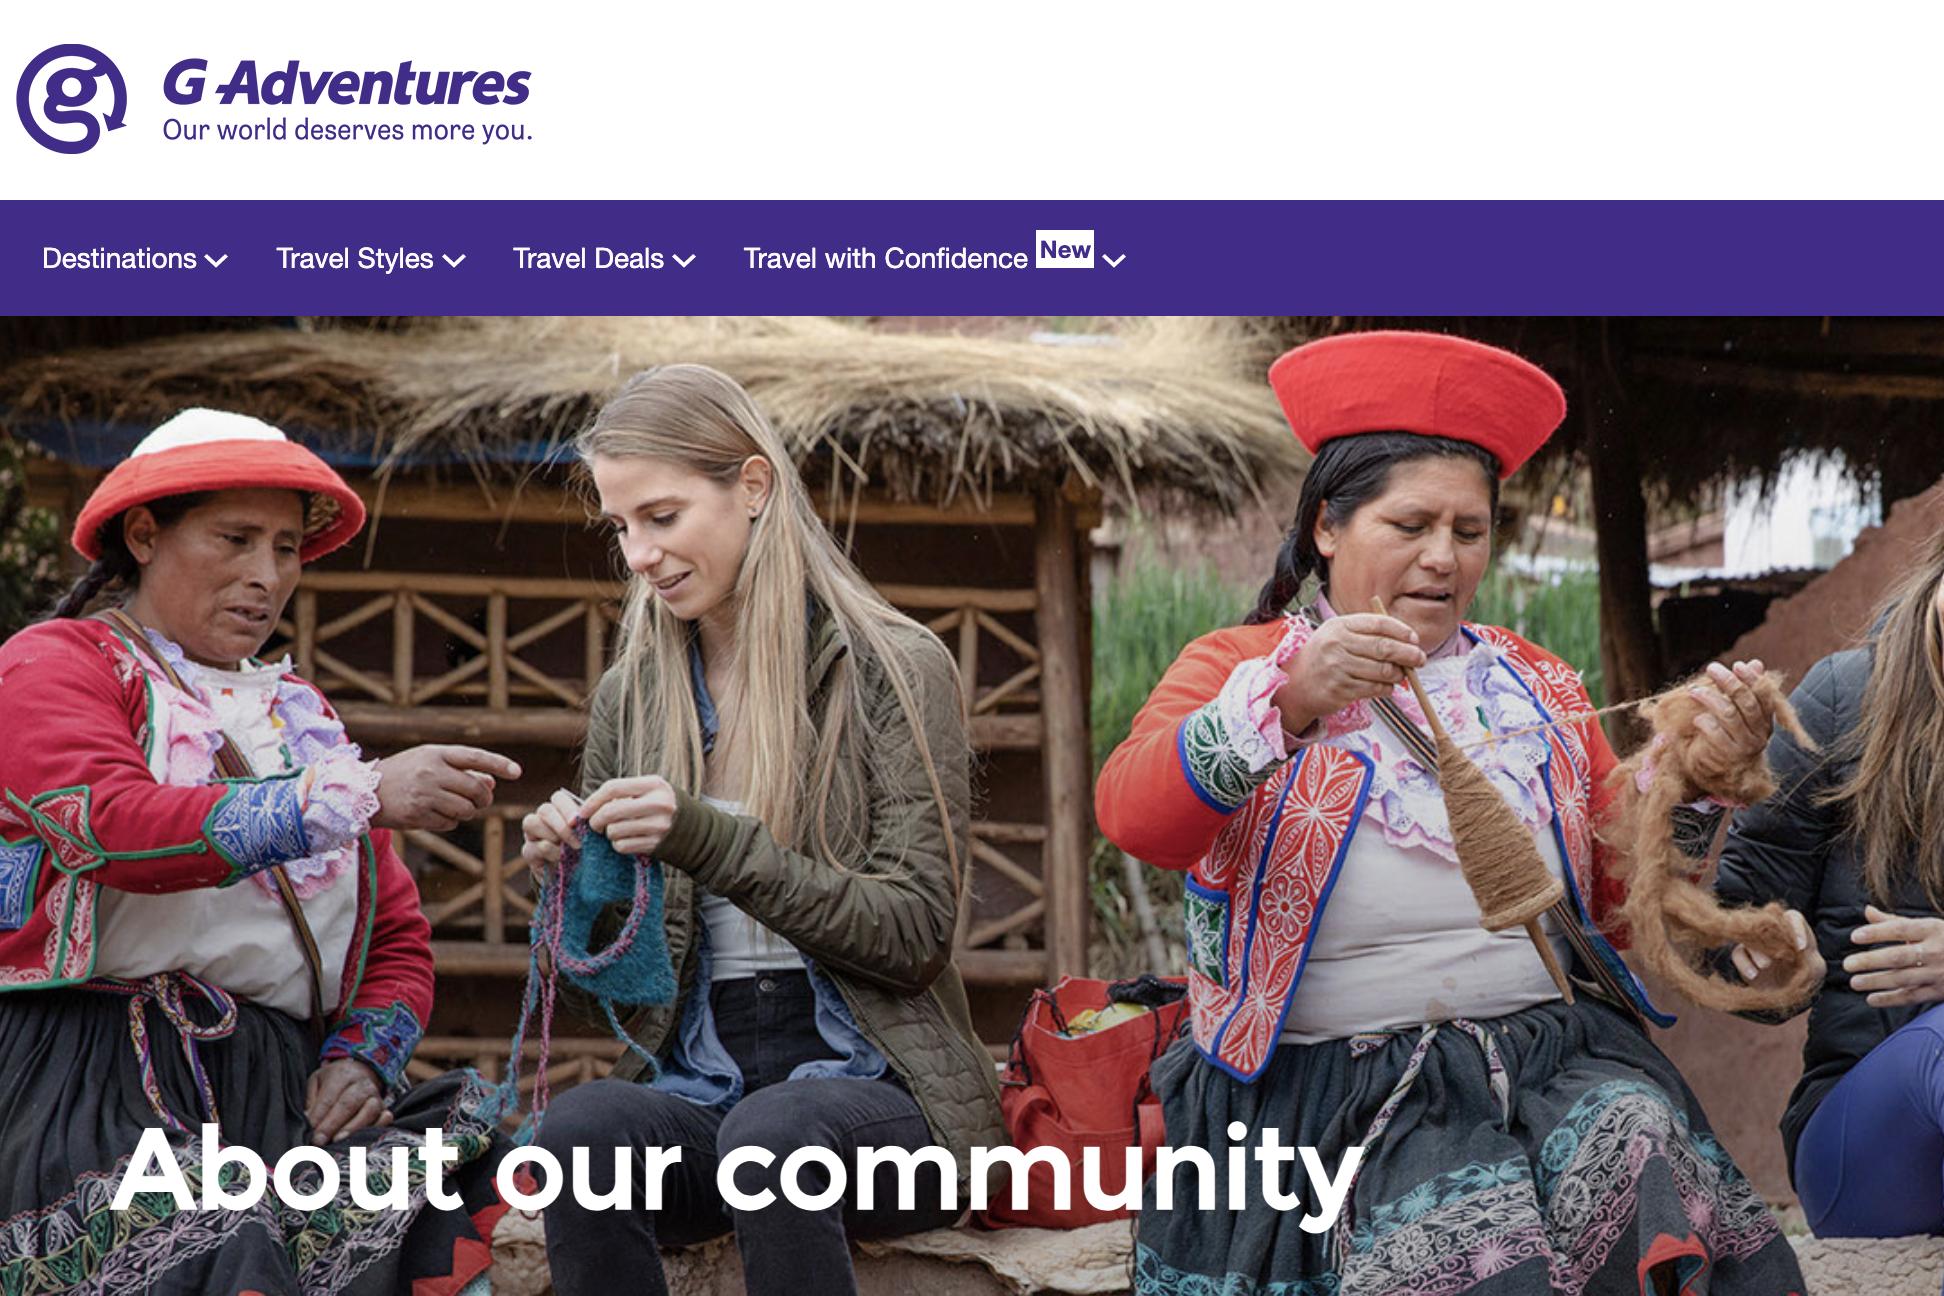 加拿大小团体探险旅游服务商 G Adventures 获私募股权公司 Certares 增长型投资